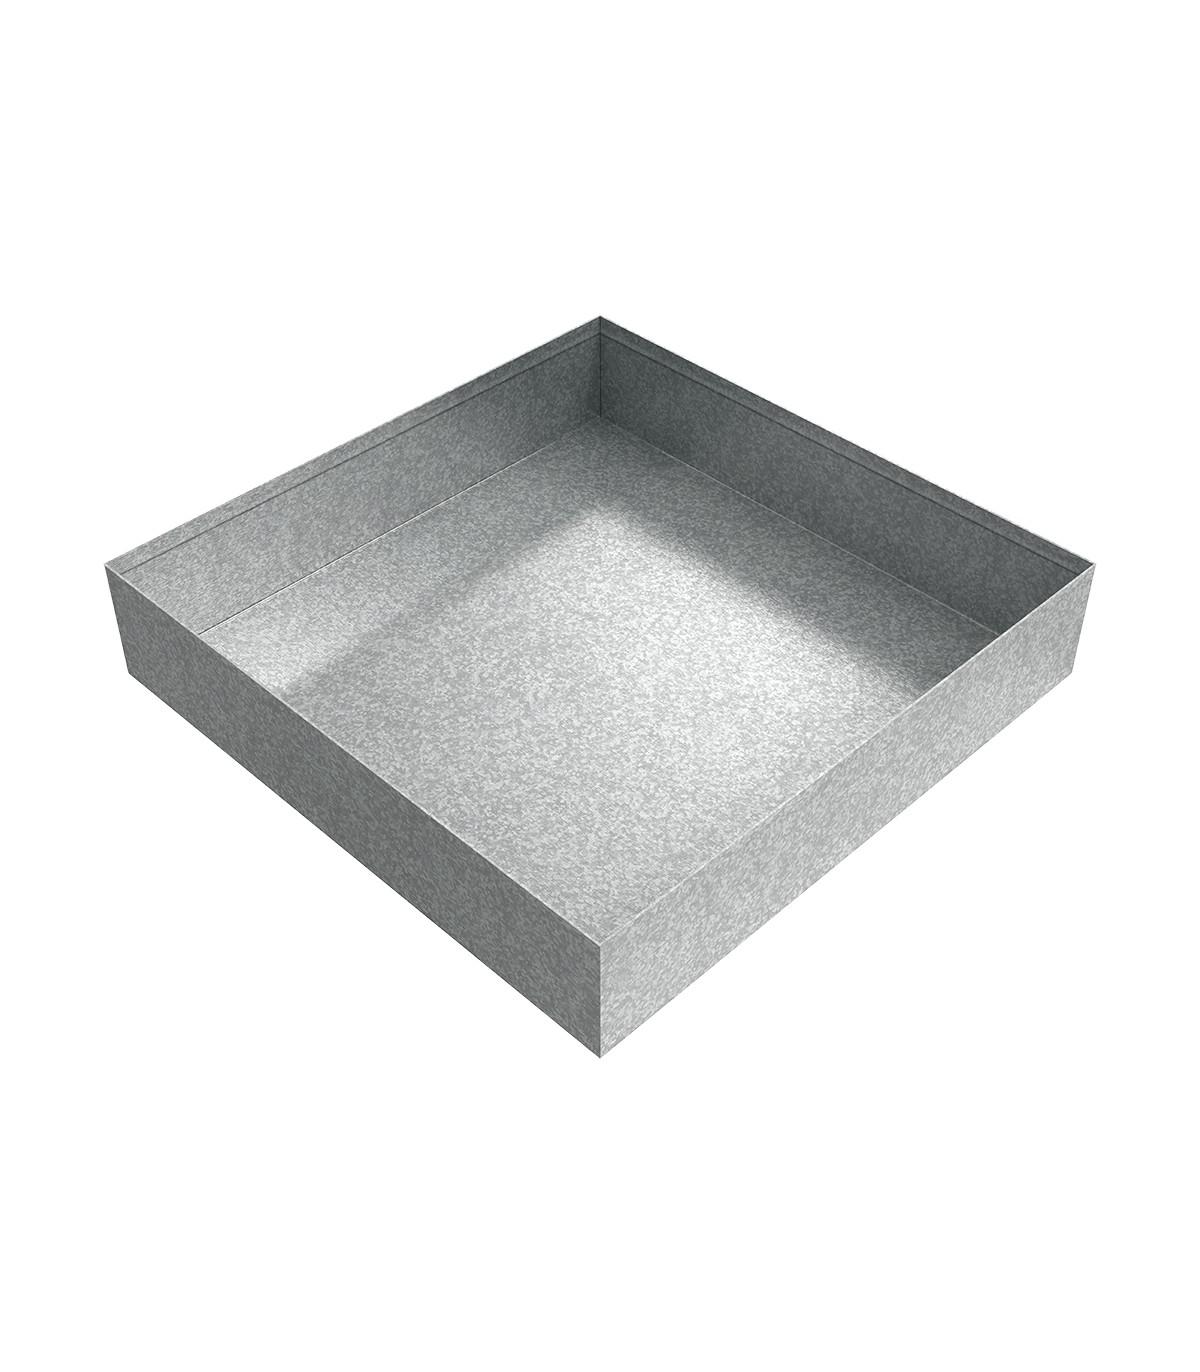 Small Drip Pan